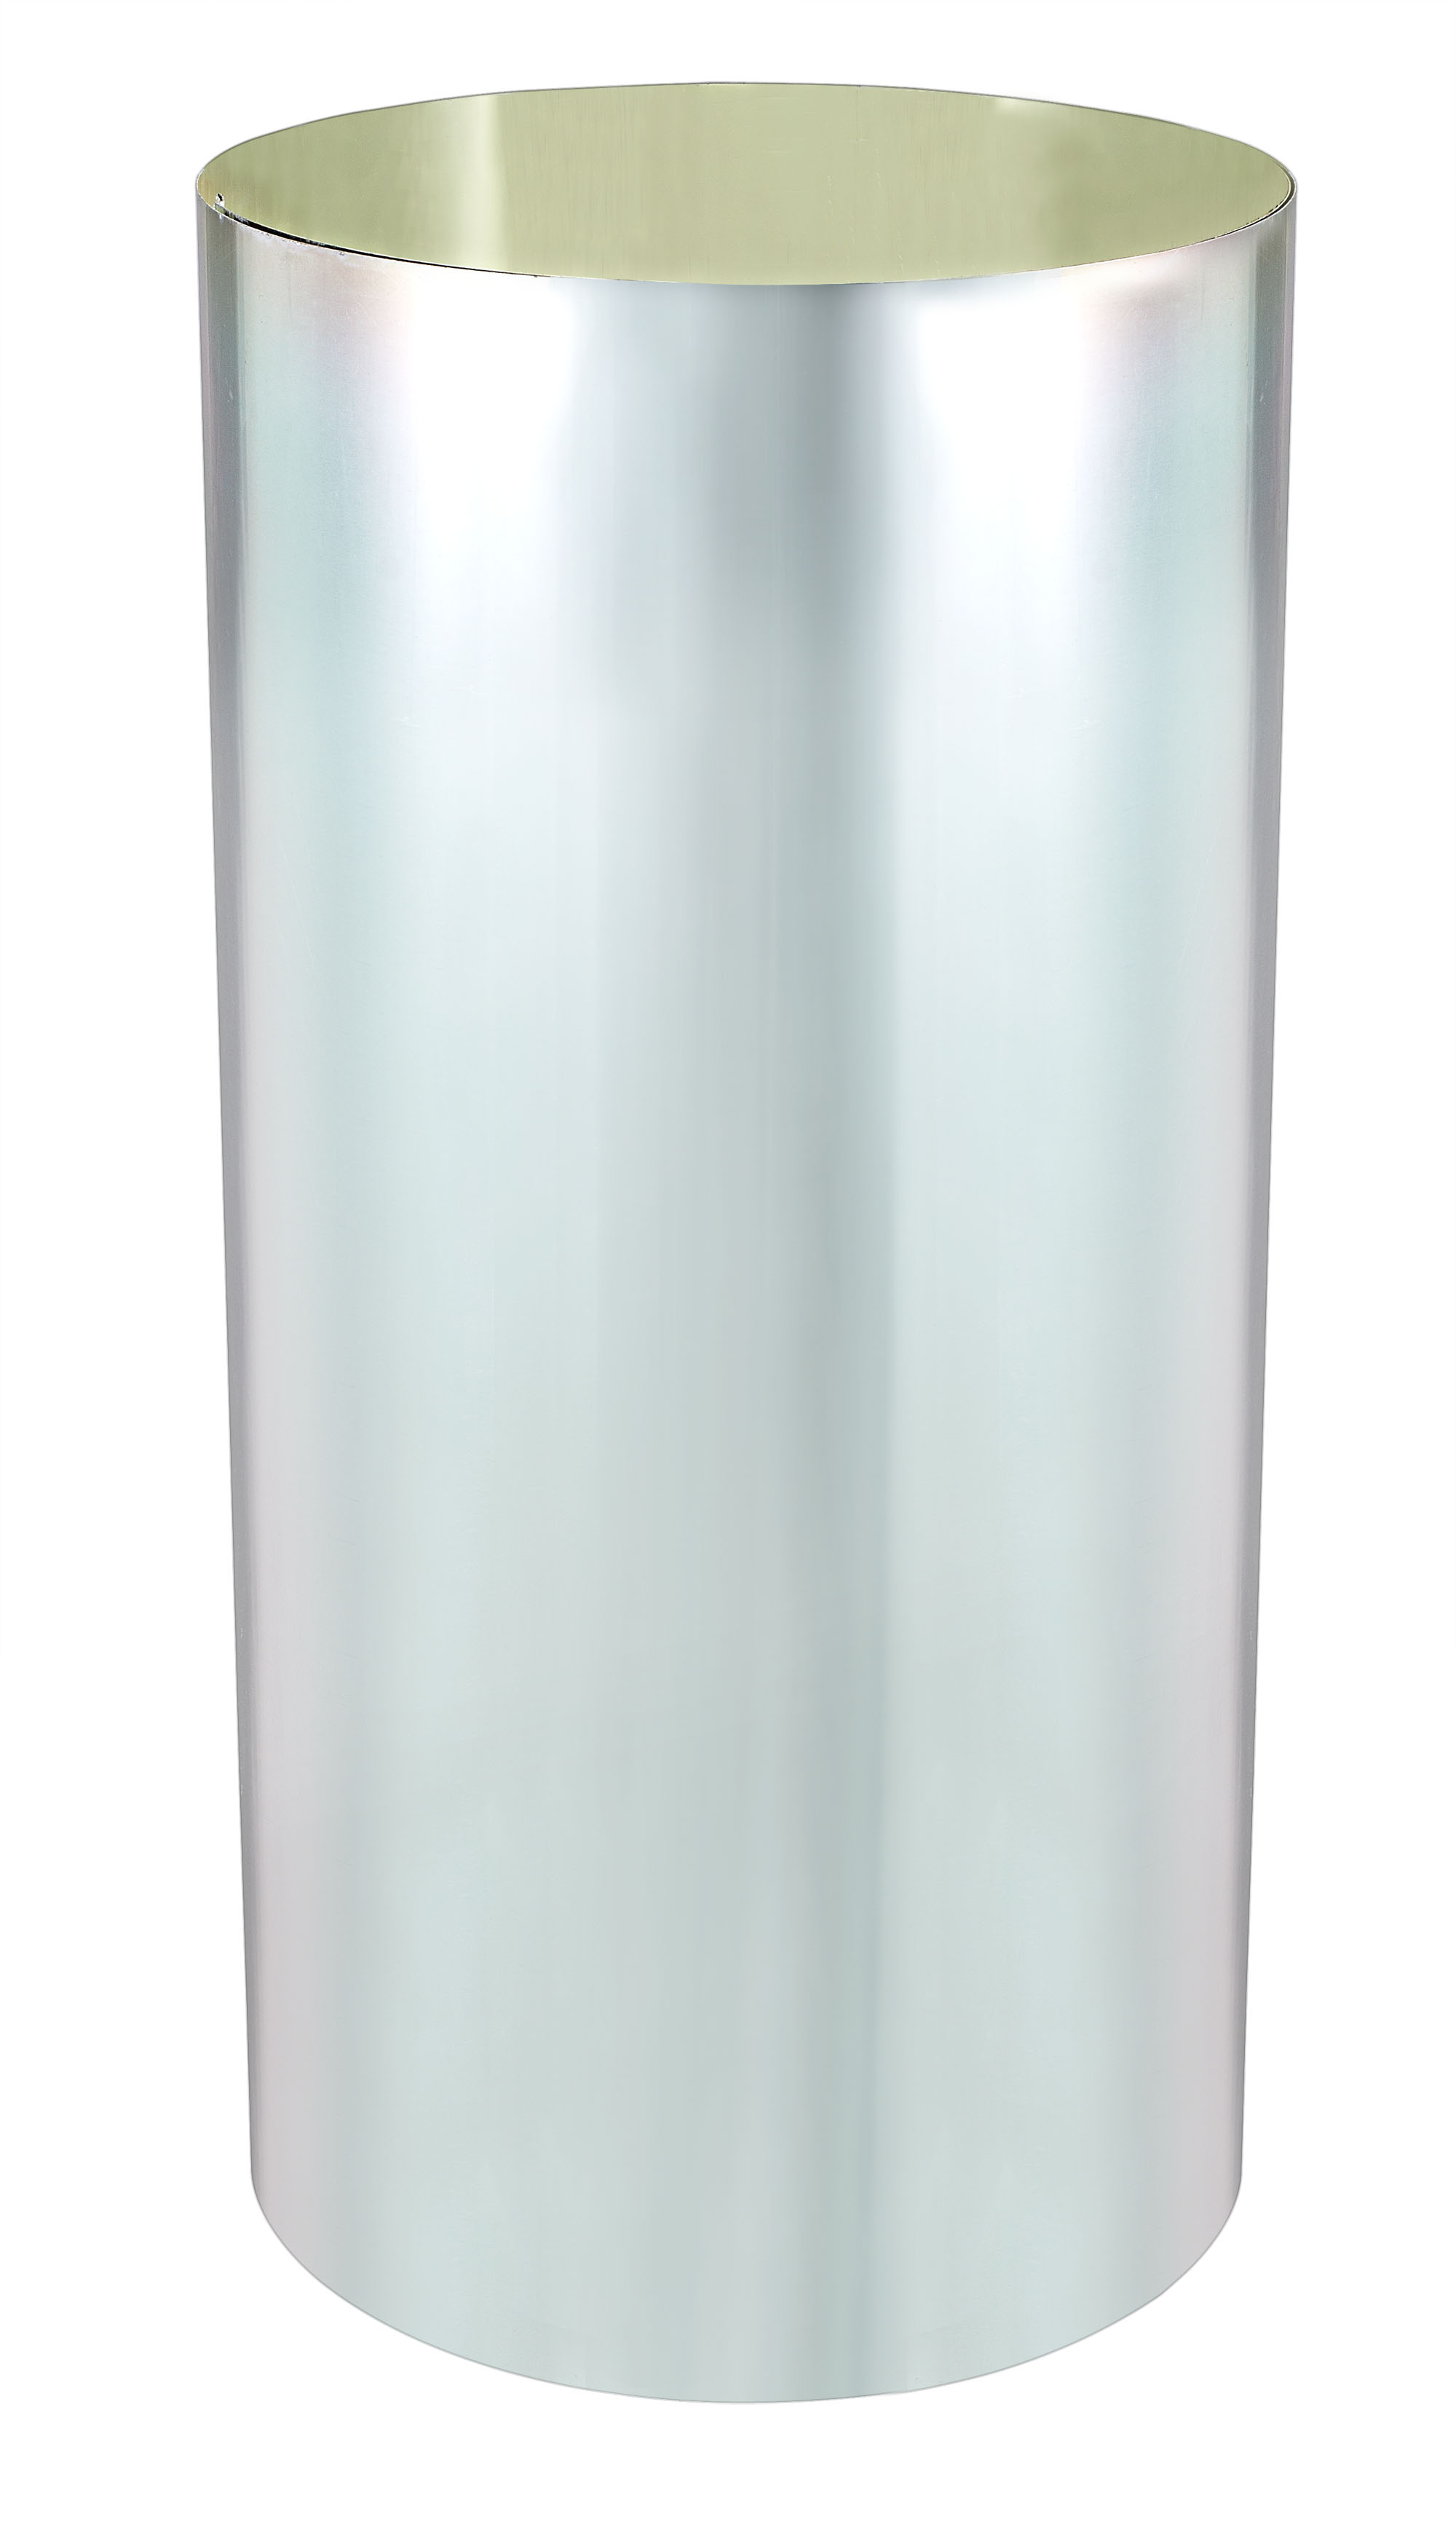 光导管-日光照明系统